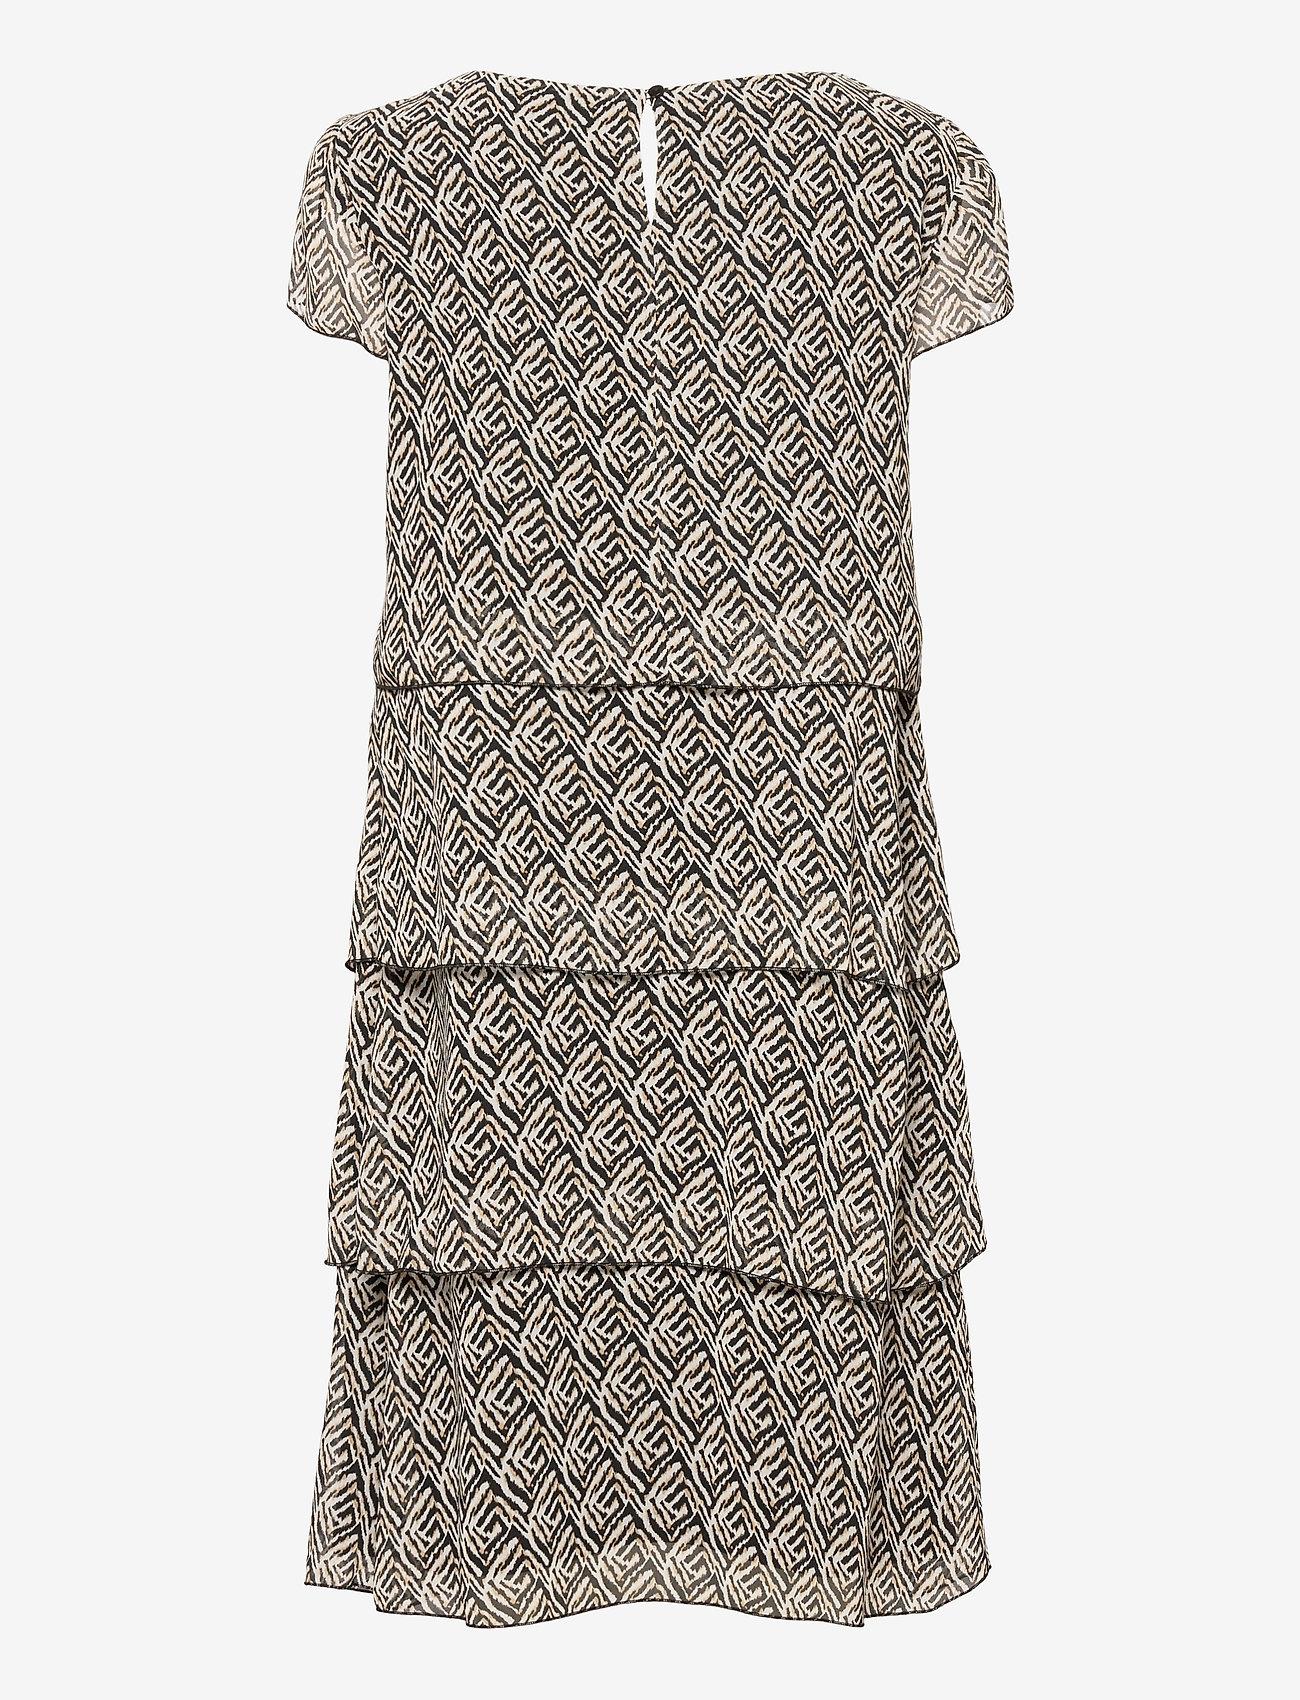 Gerry Weber - DRESS WOVEN FABRIC - robes de jour - ecru black sahara print - 1